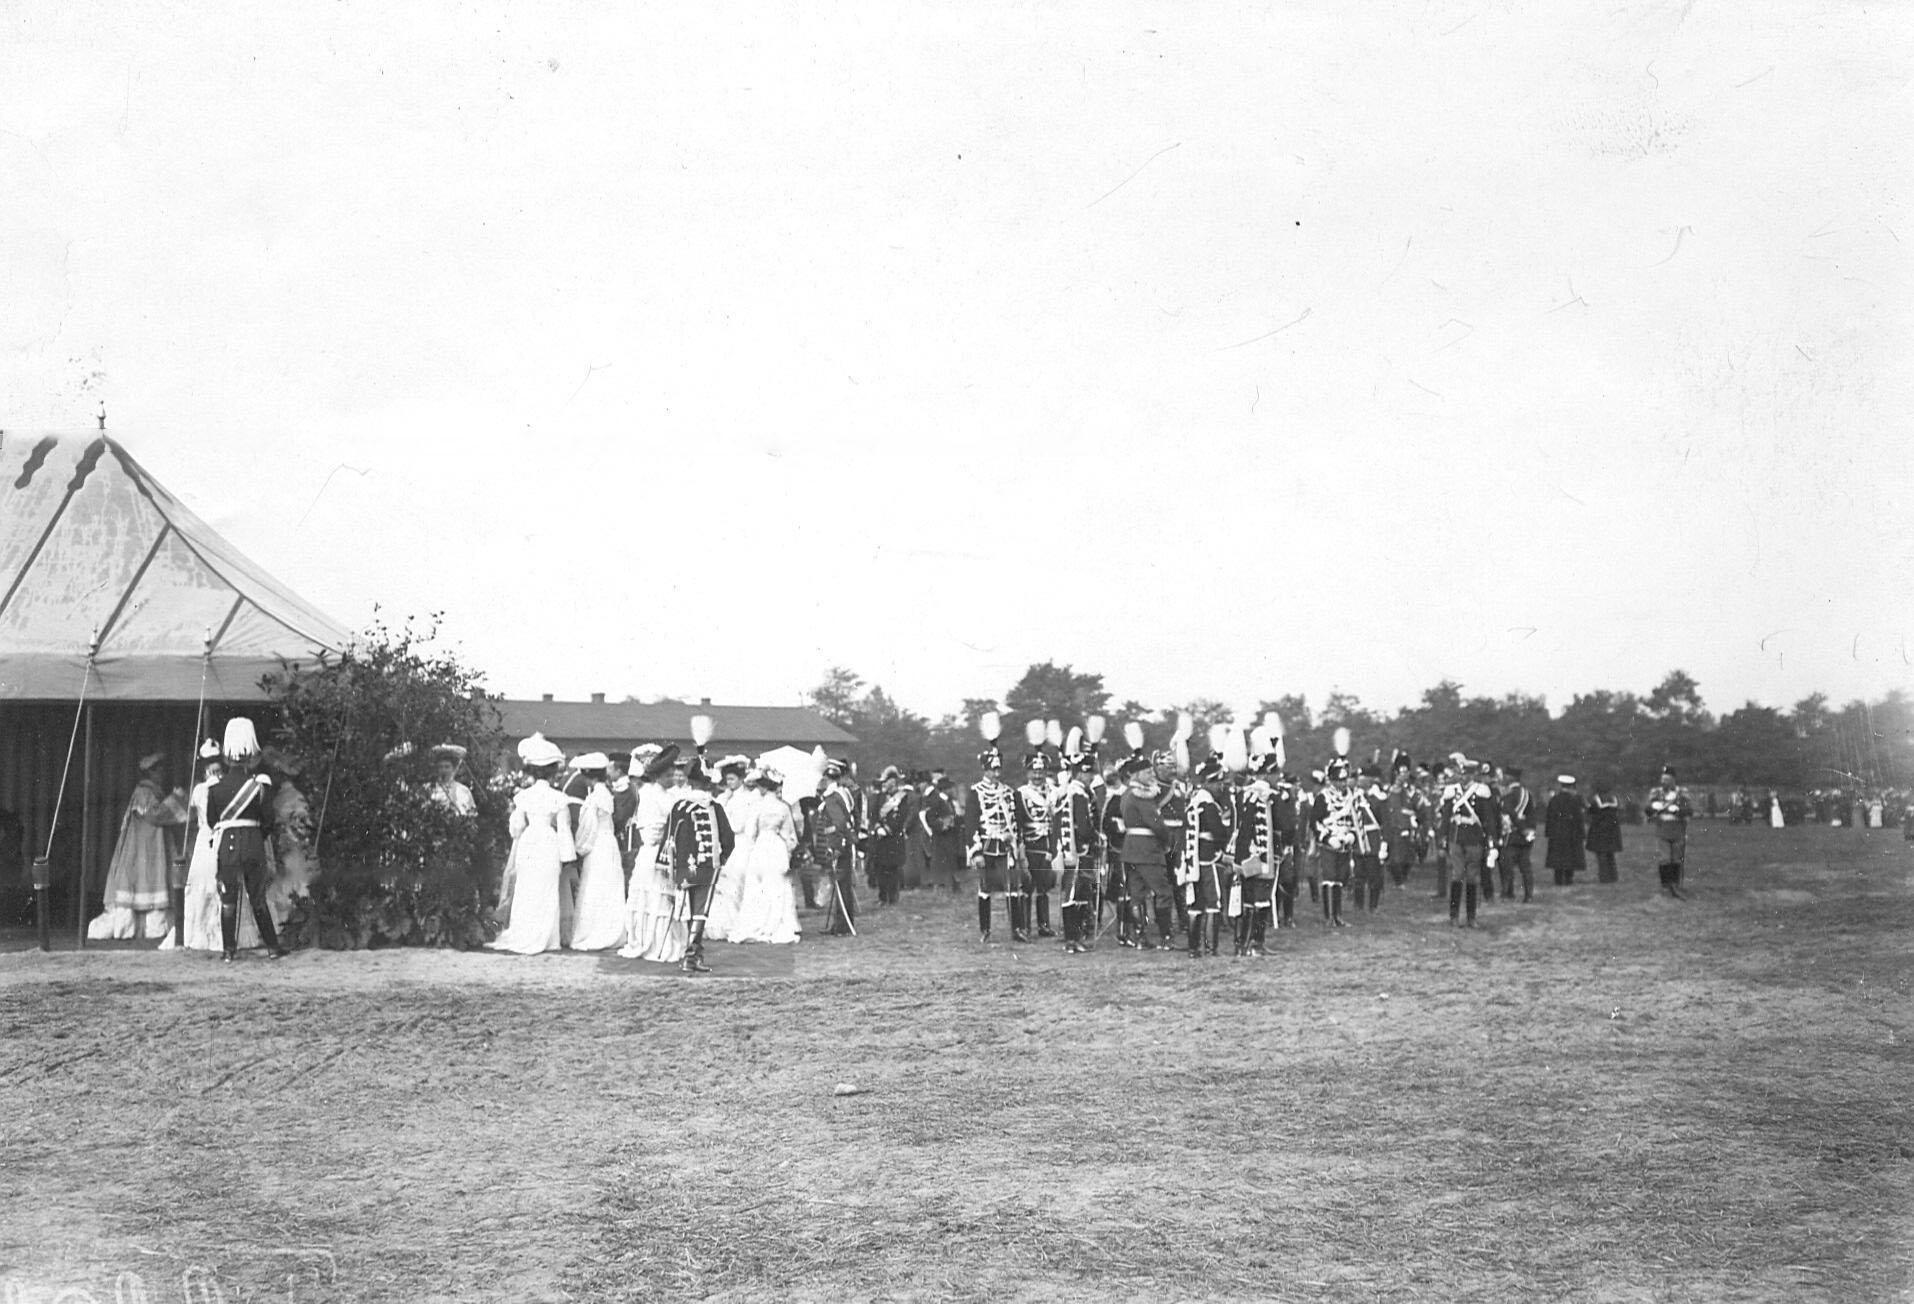 Делегации от прусских уланских и гусарских полков, прибывшие на празднование 250-летнего юбилея полка, на параде